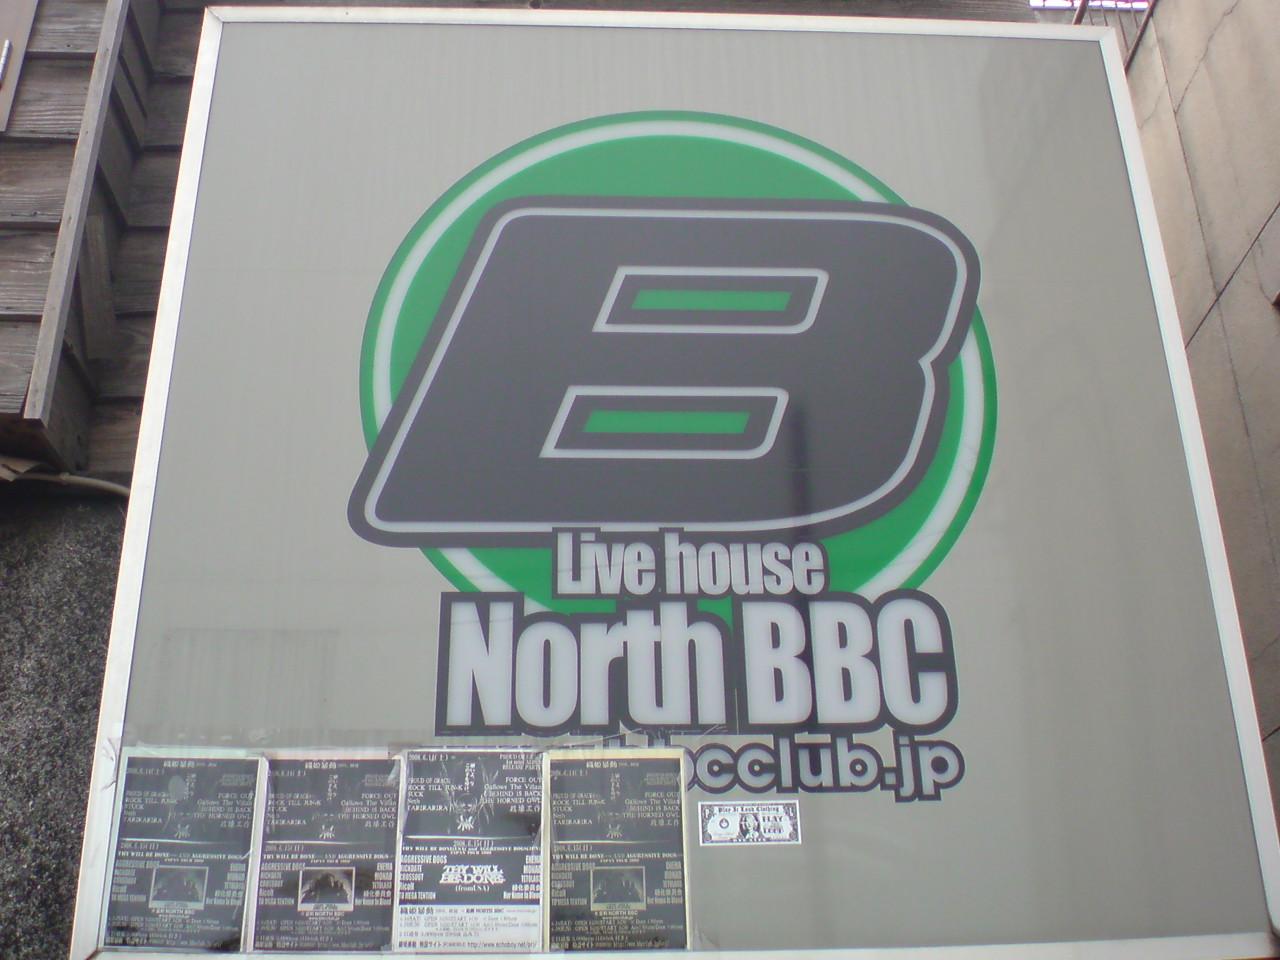 足利NorthBBC